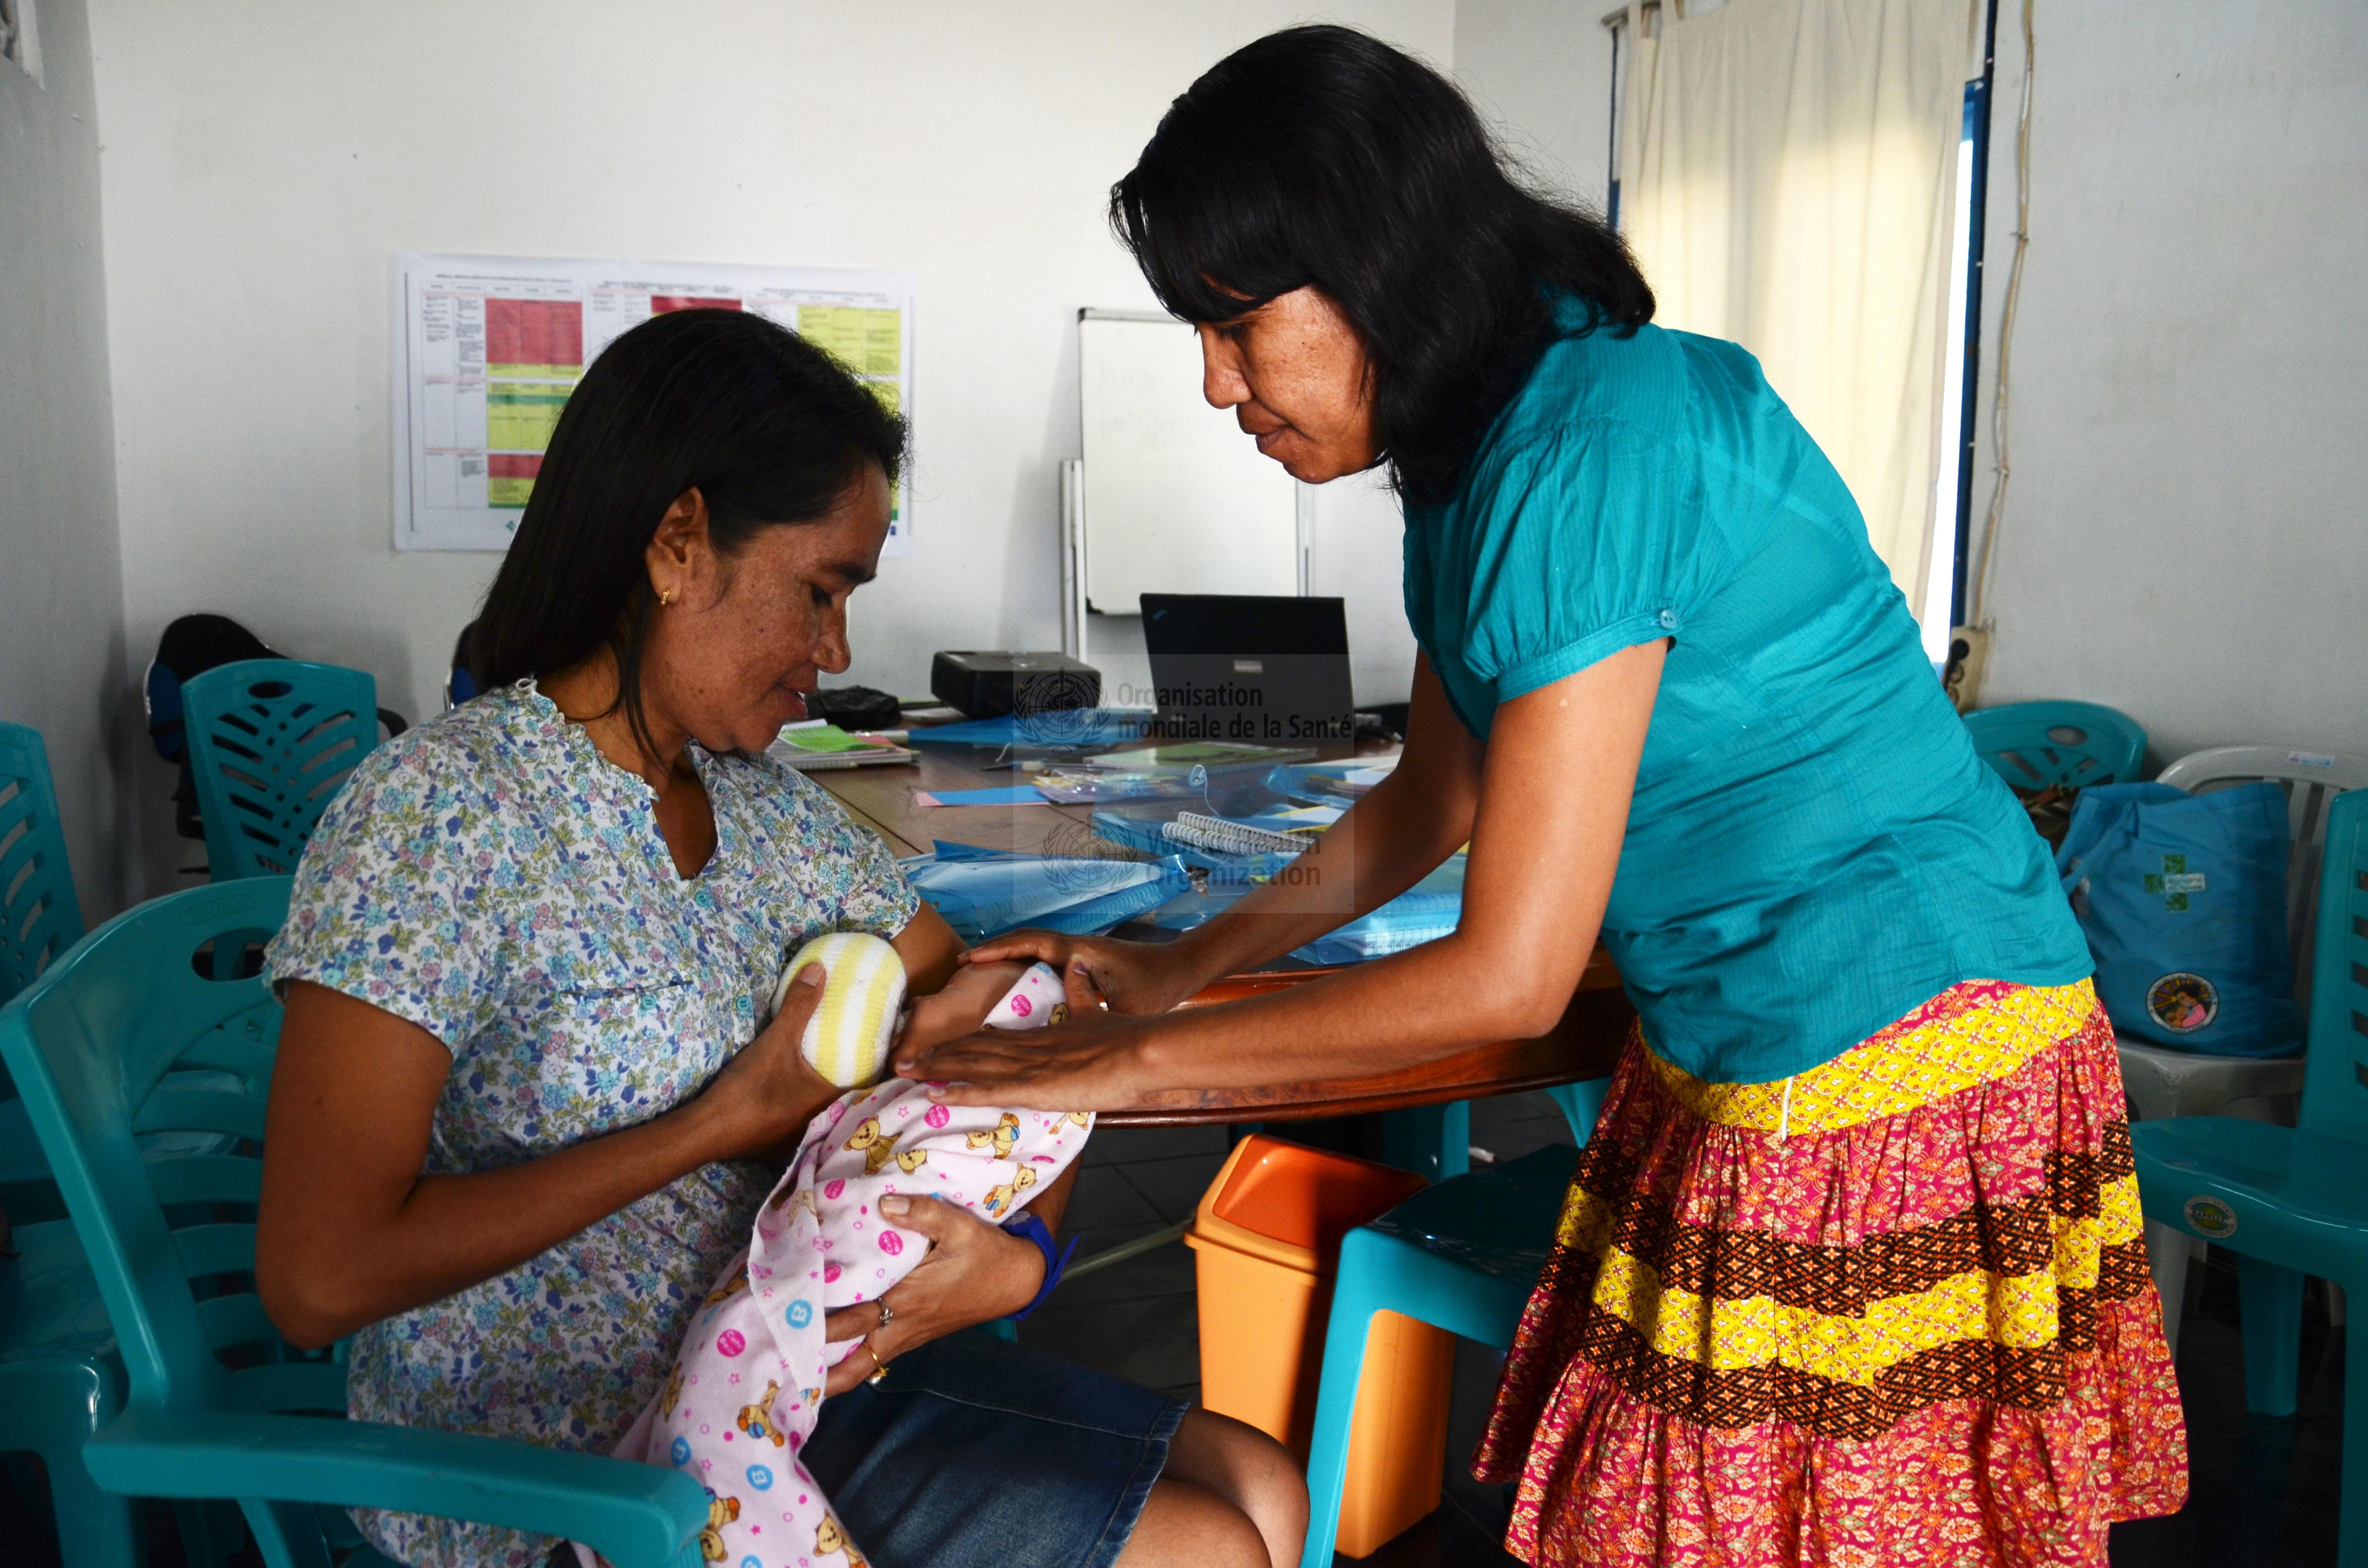 Health Alliance International (HAI) training for midwives in Timor-Leste.